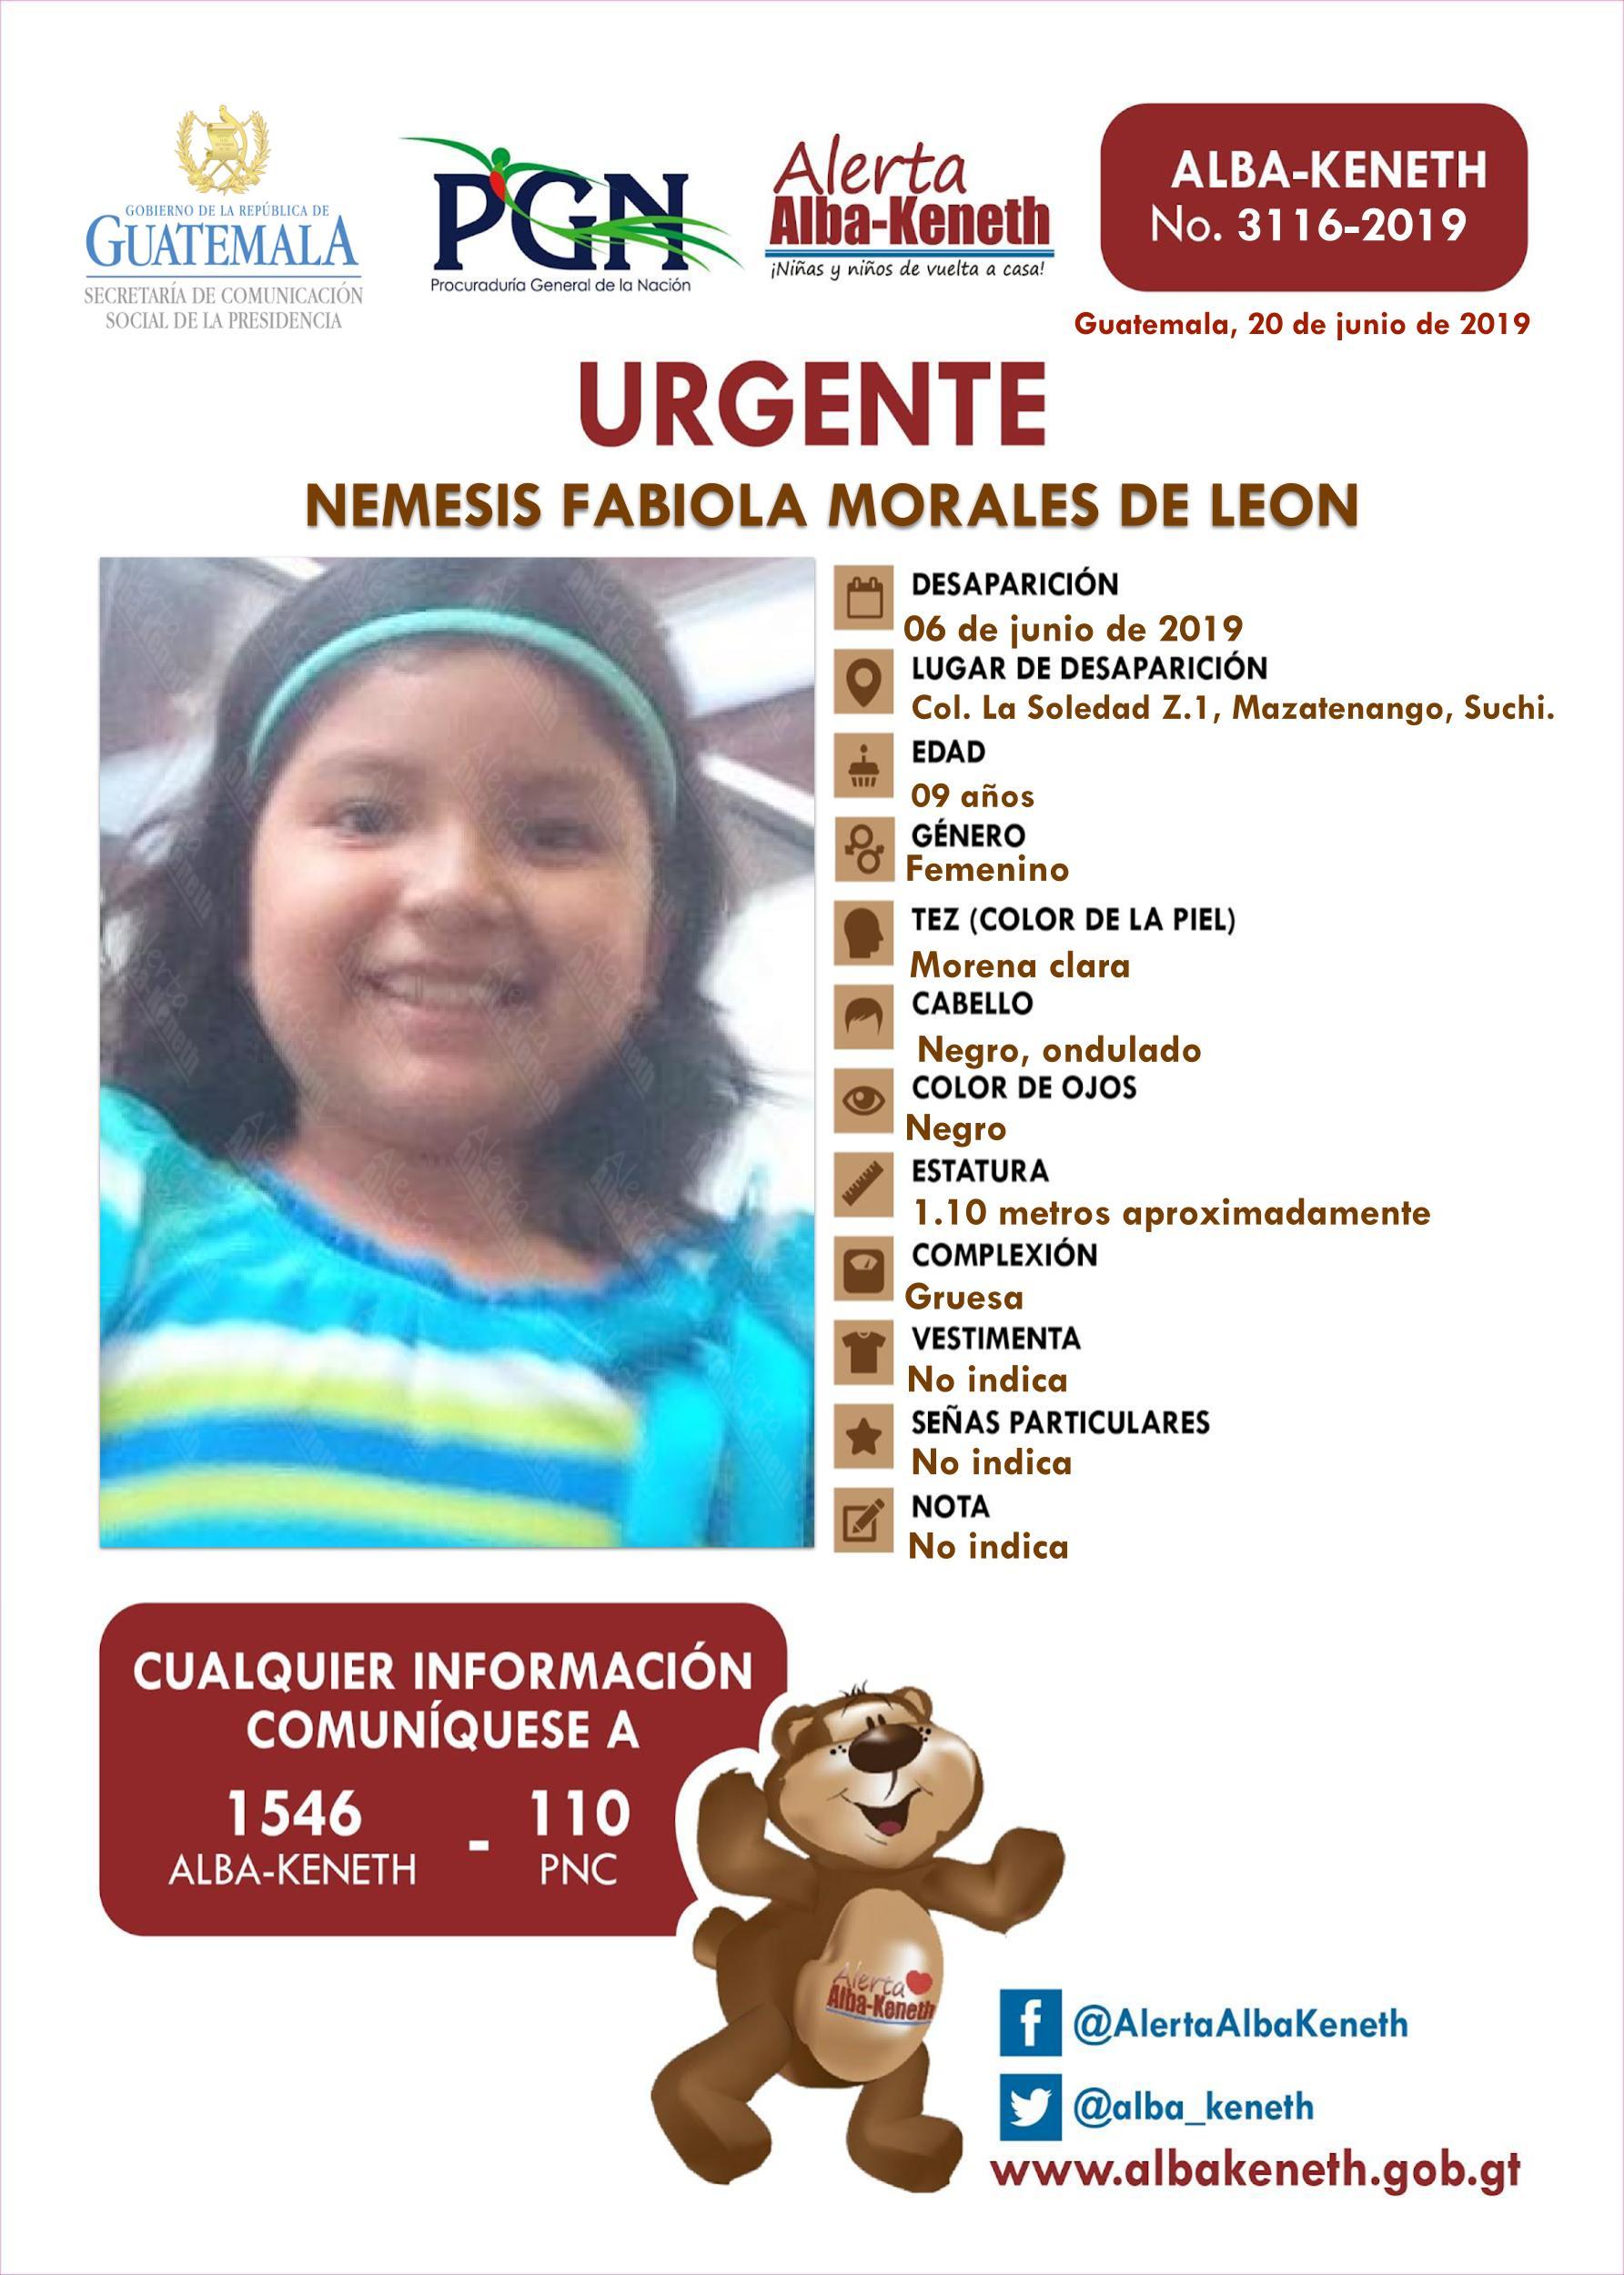 Nemesis Fabiola Morales de Leon